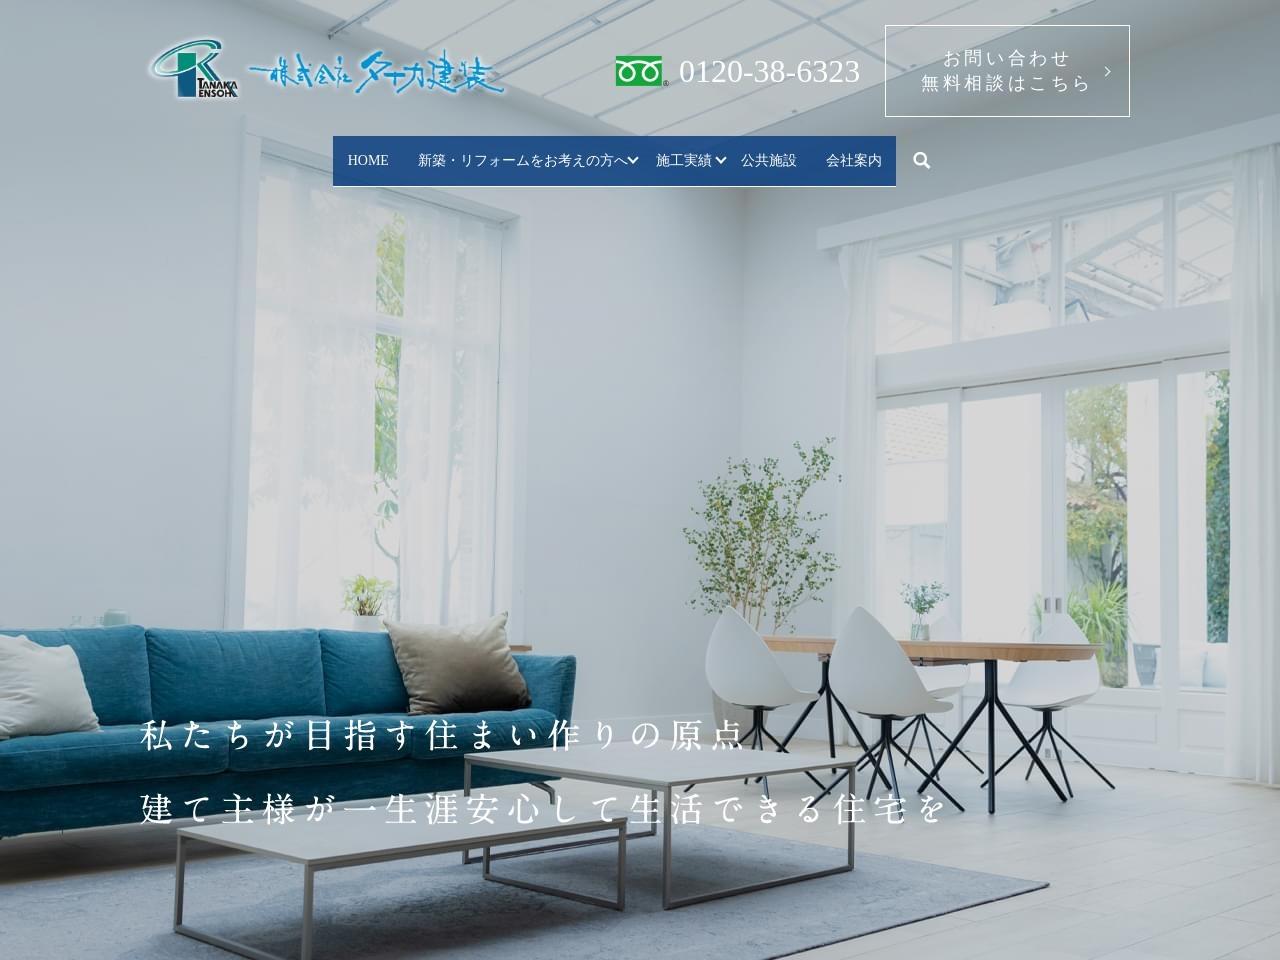 株式会社タナカ建装・塗装屋根リフォーム事業部